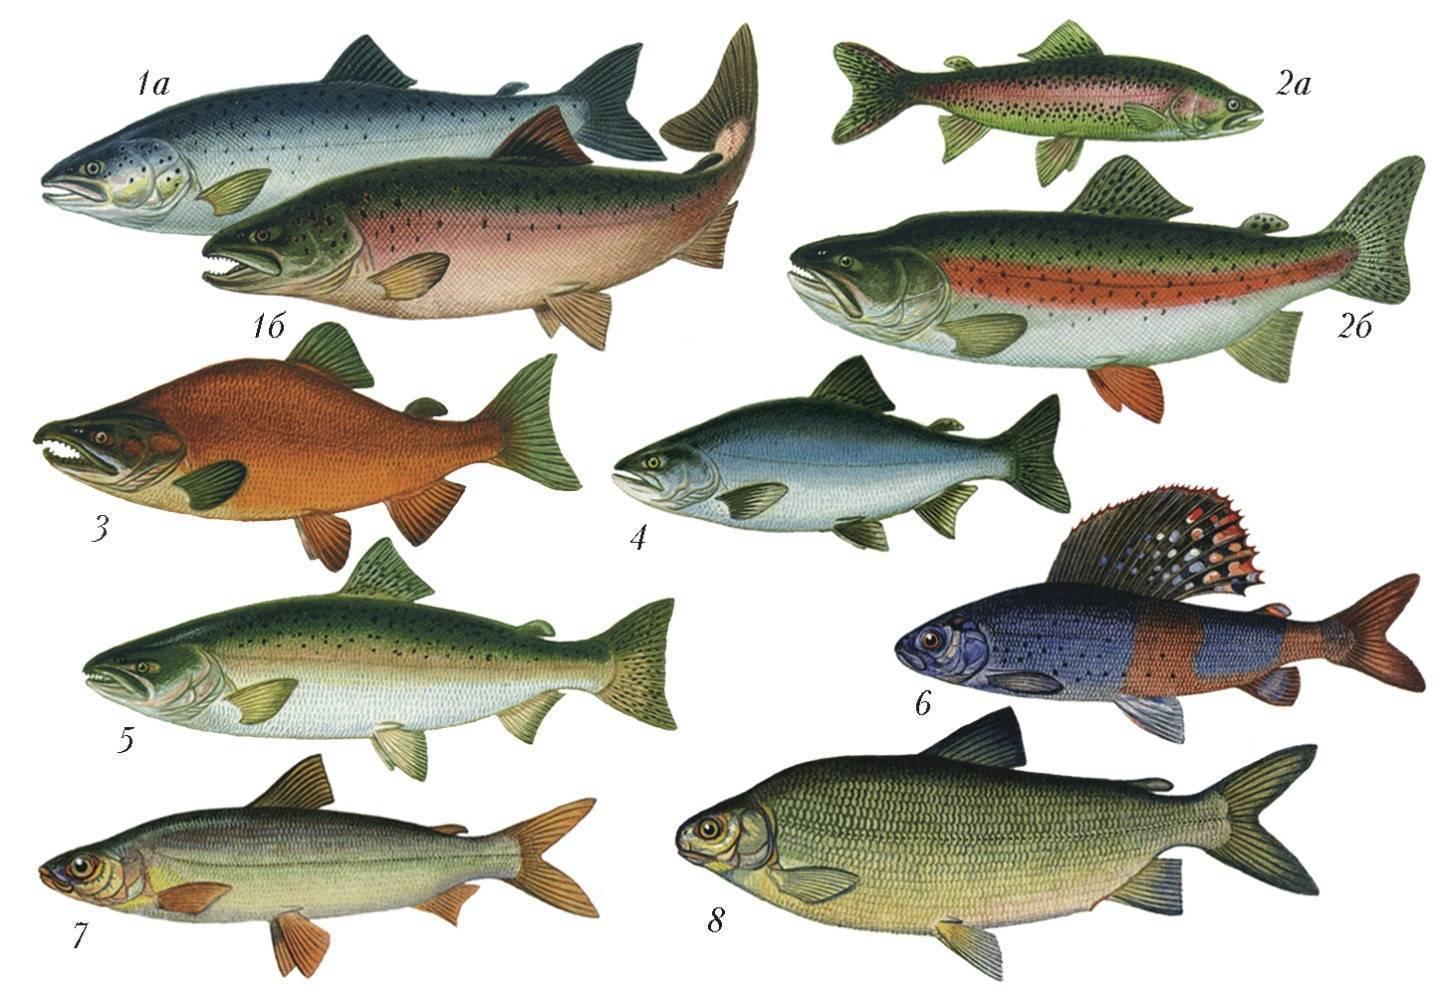 Семейство лососевых: список рыб, нерест и другие названия вида лососеобразных